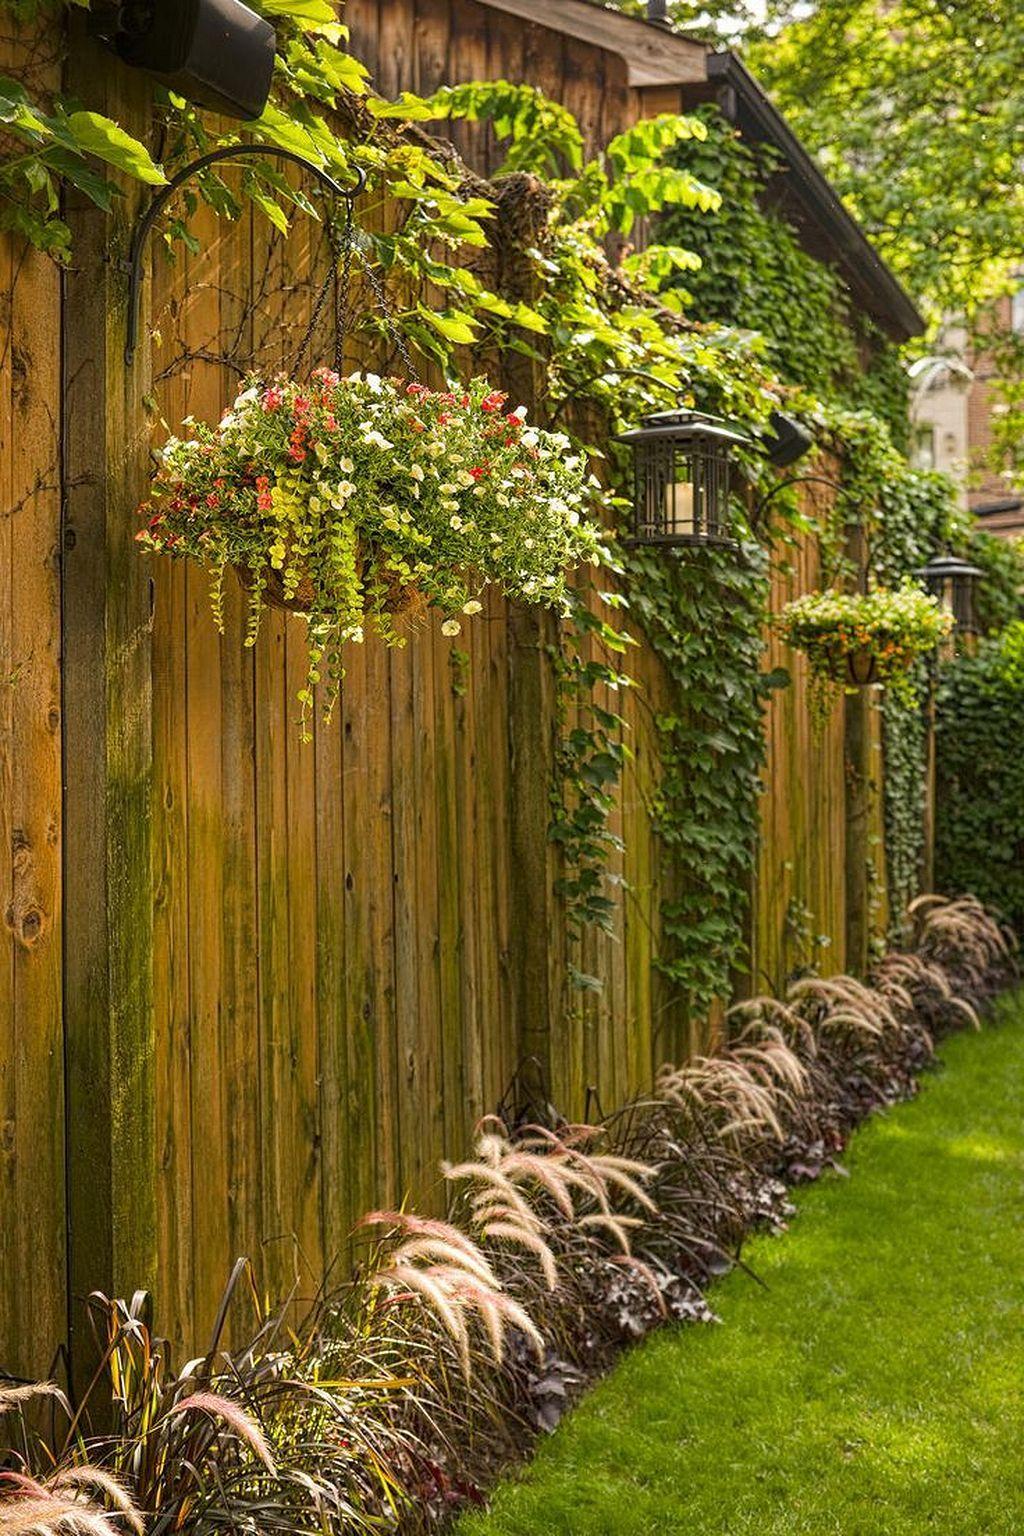 Enchanting Fence Retaining Wall Ideas Mold - Art & Wall Decor ...